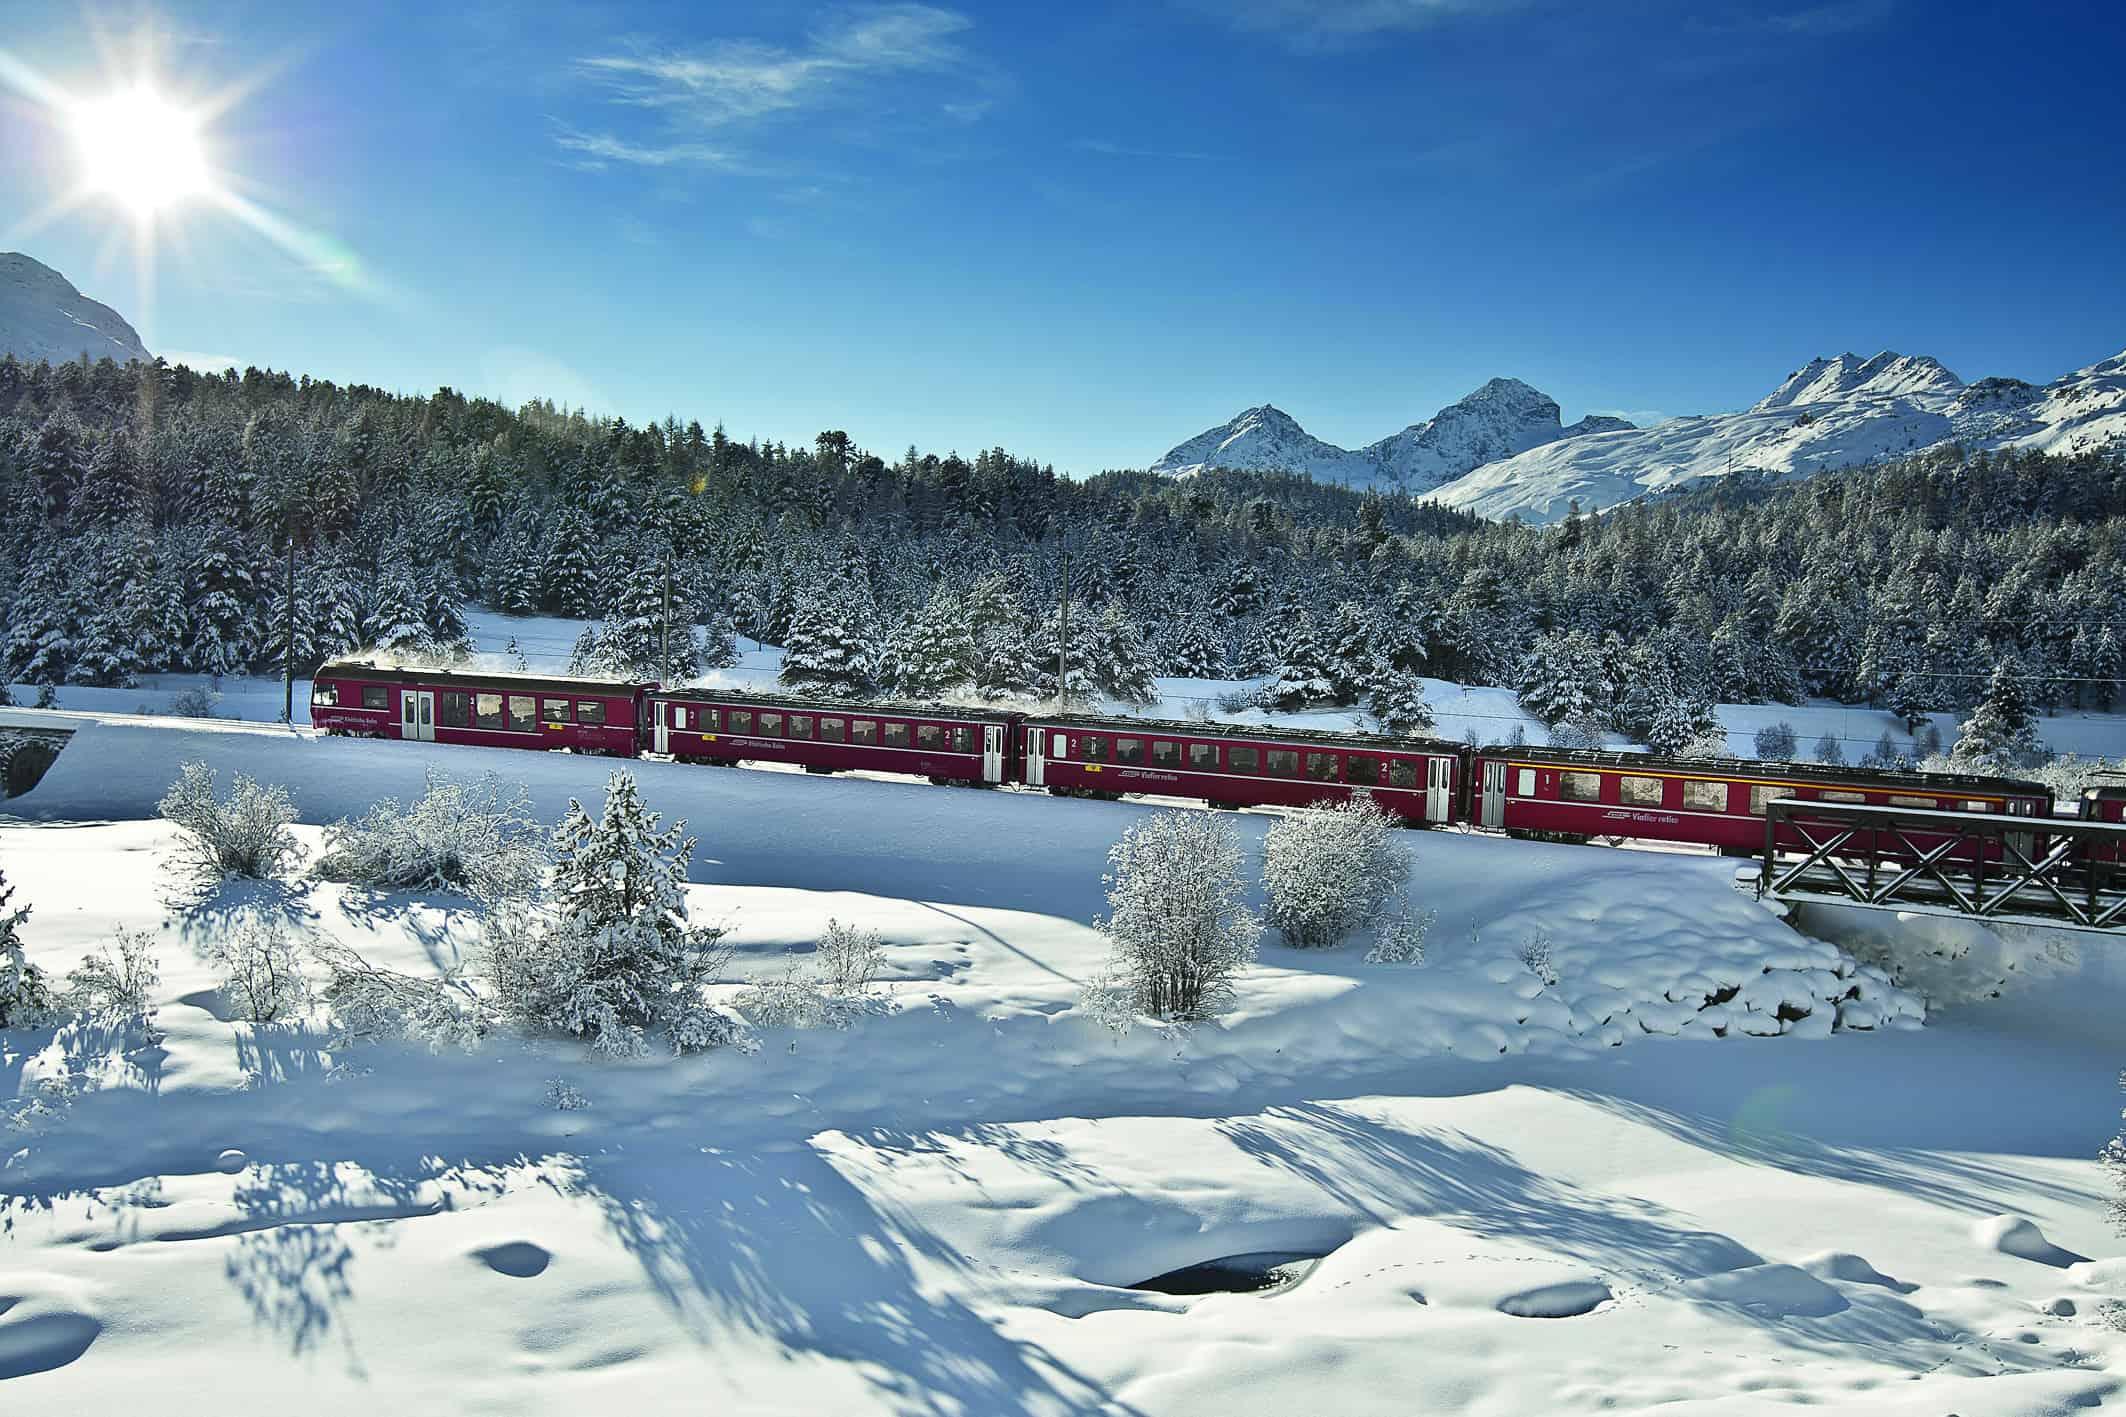 Alpen entdecken: Die Rhätische Bahn fährt durch die Winterlandschaft der Schweiz.